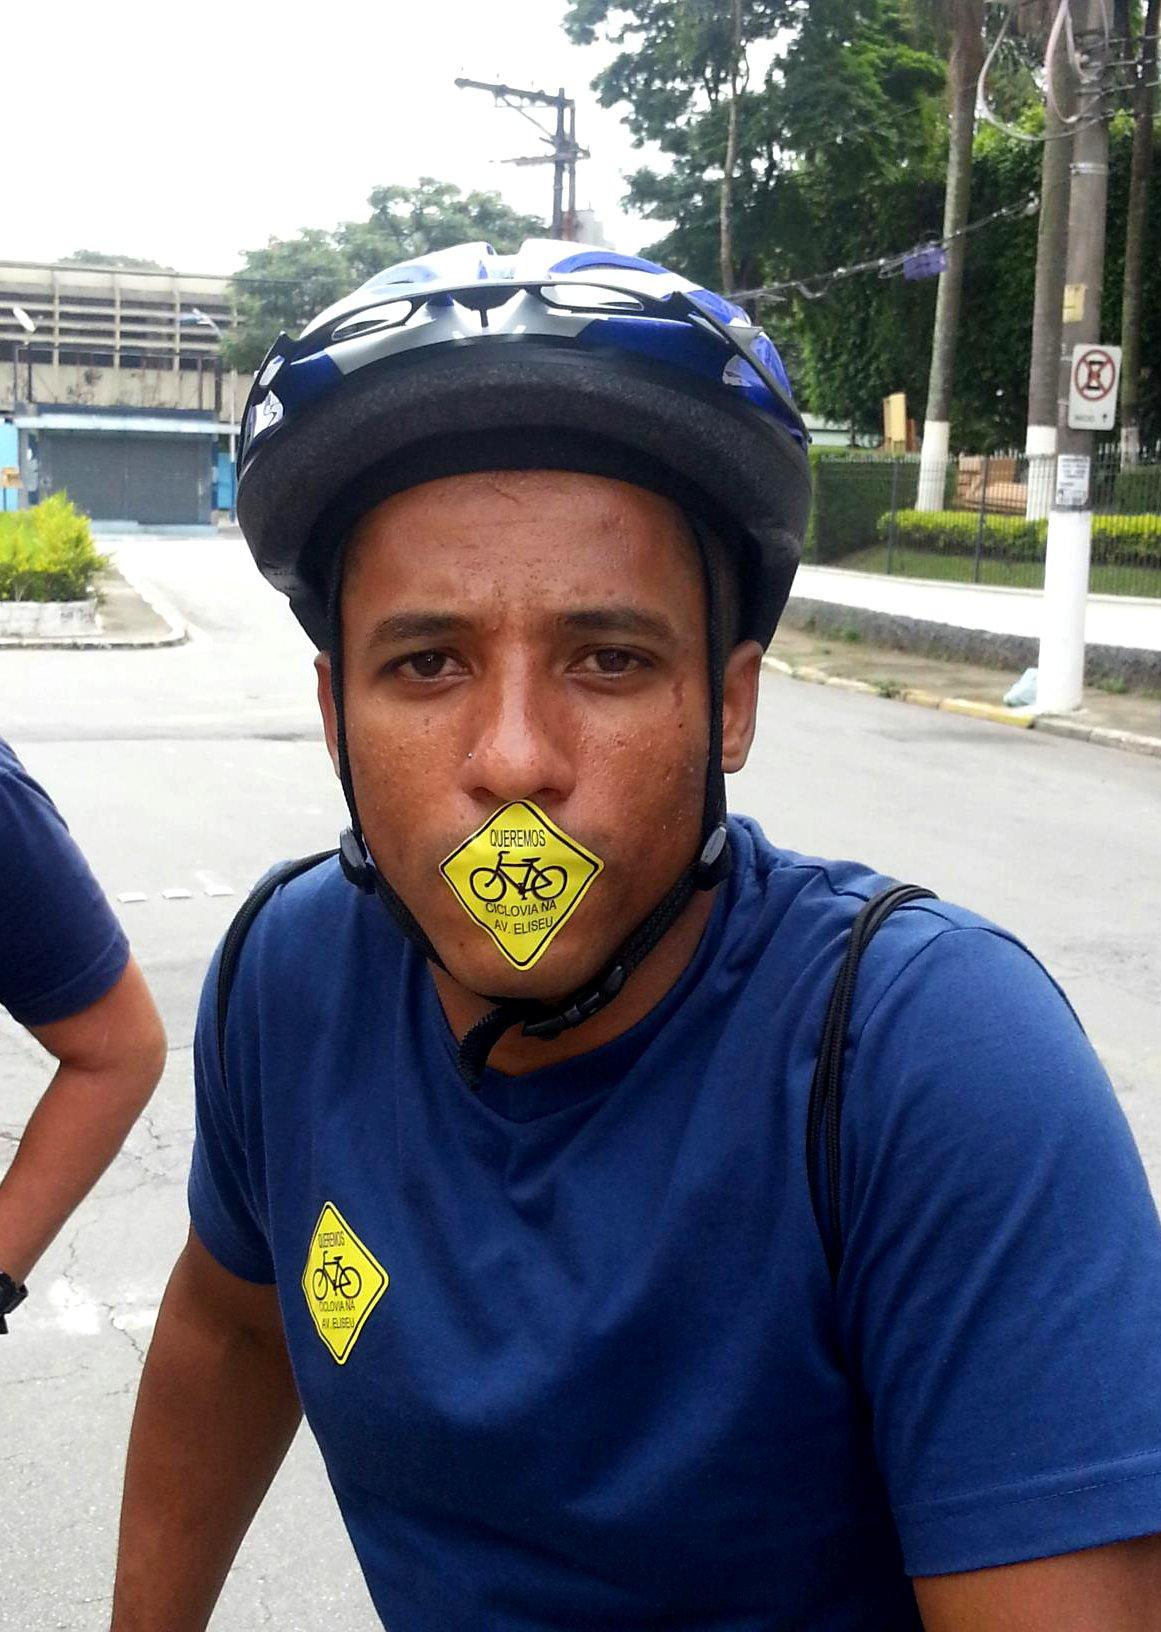 Além de não terem sido ouvidos, ciclistas foram calados, enquanto a prefeitura finge não ver o problema. Foto: Rodrigo Martins